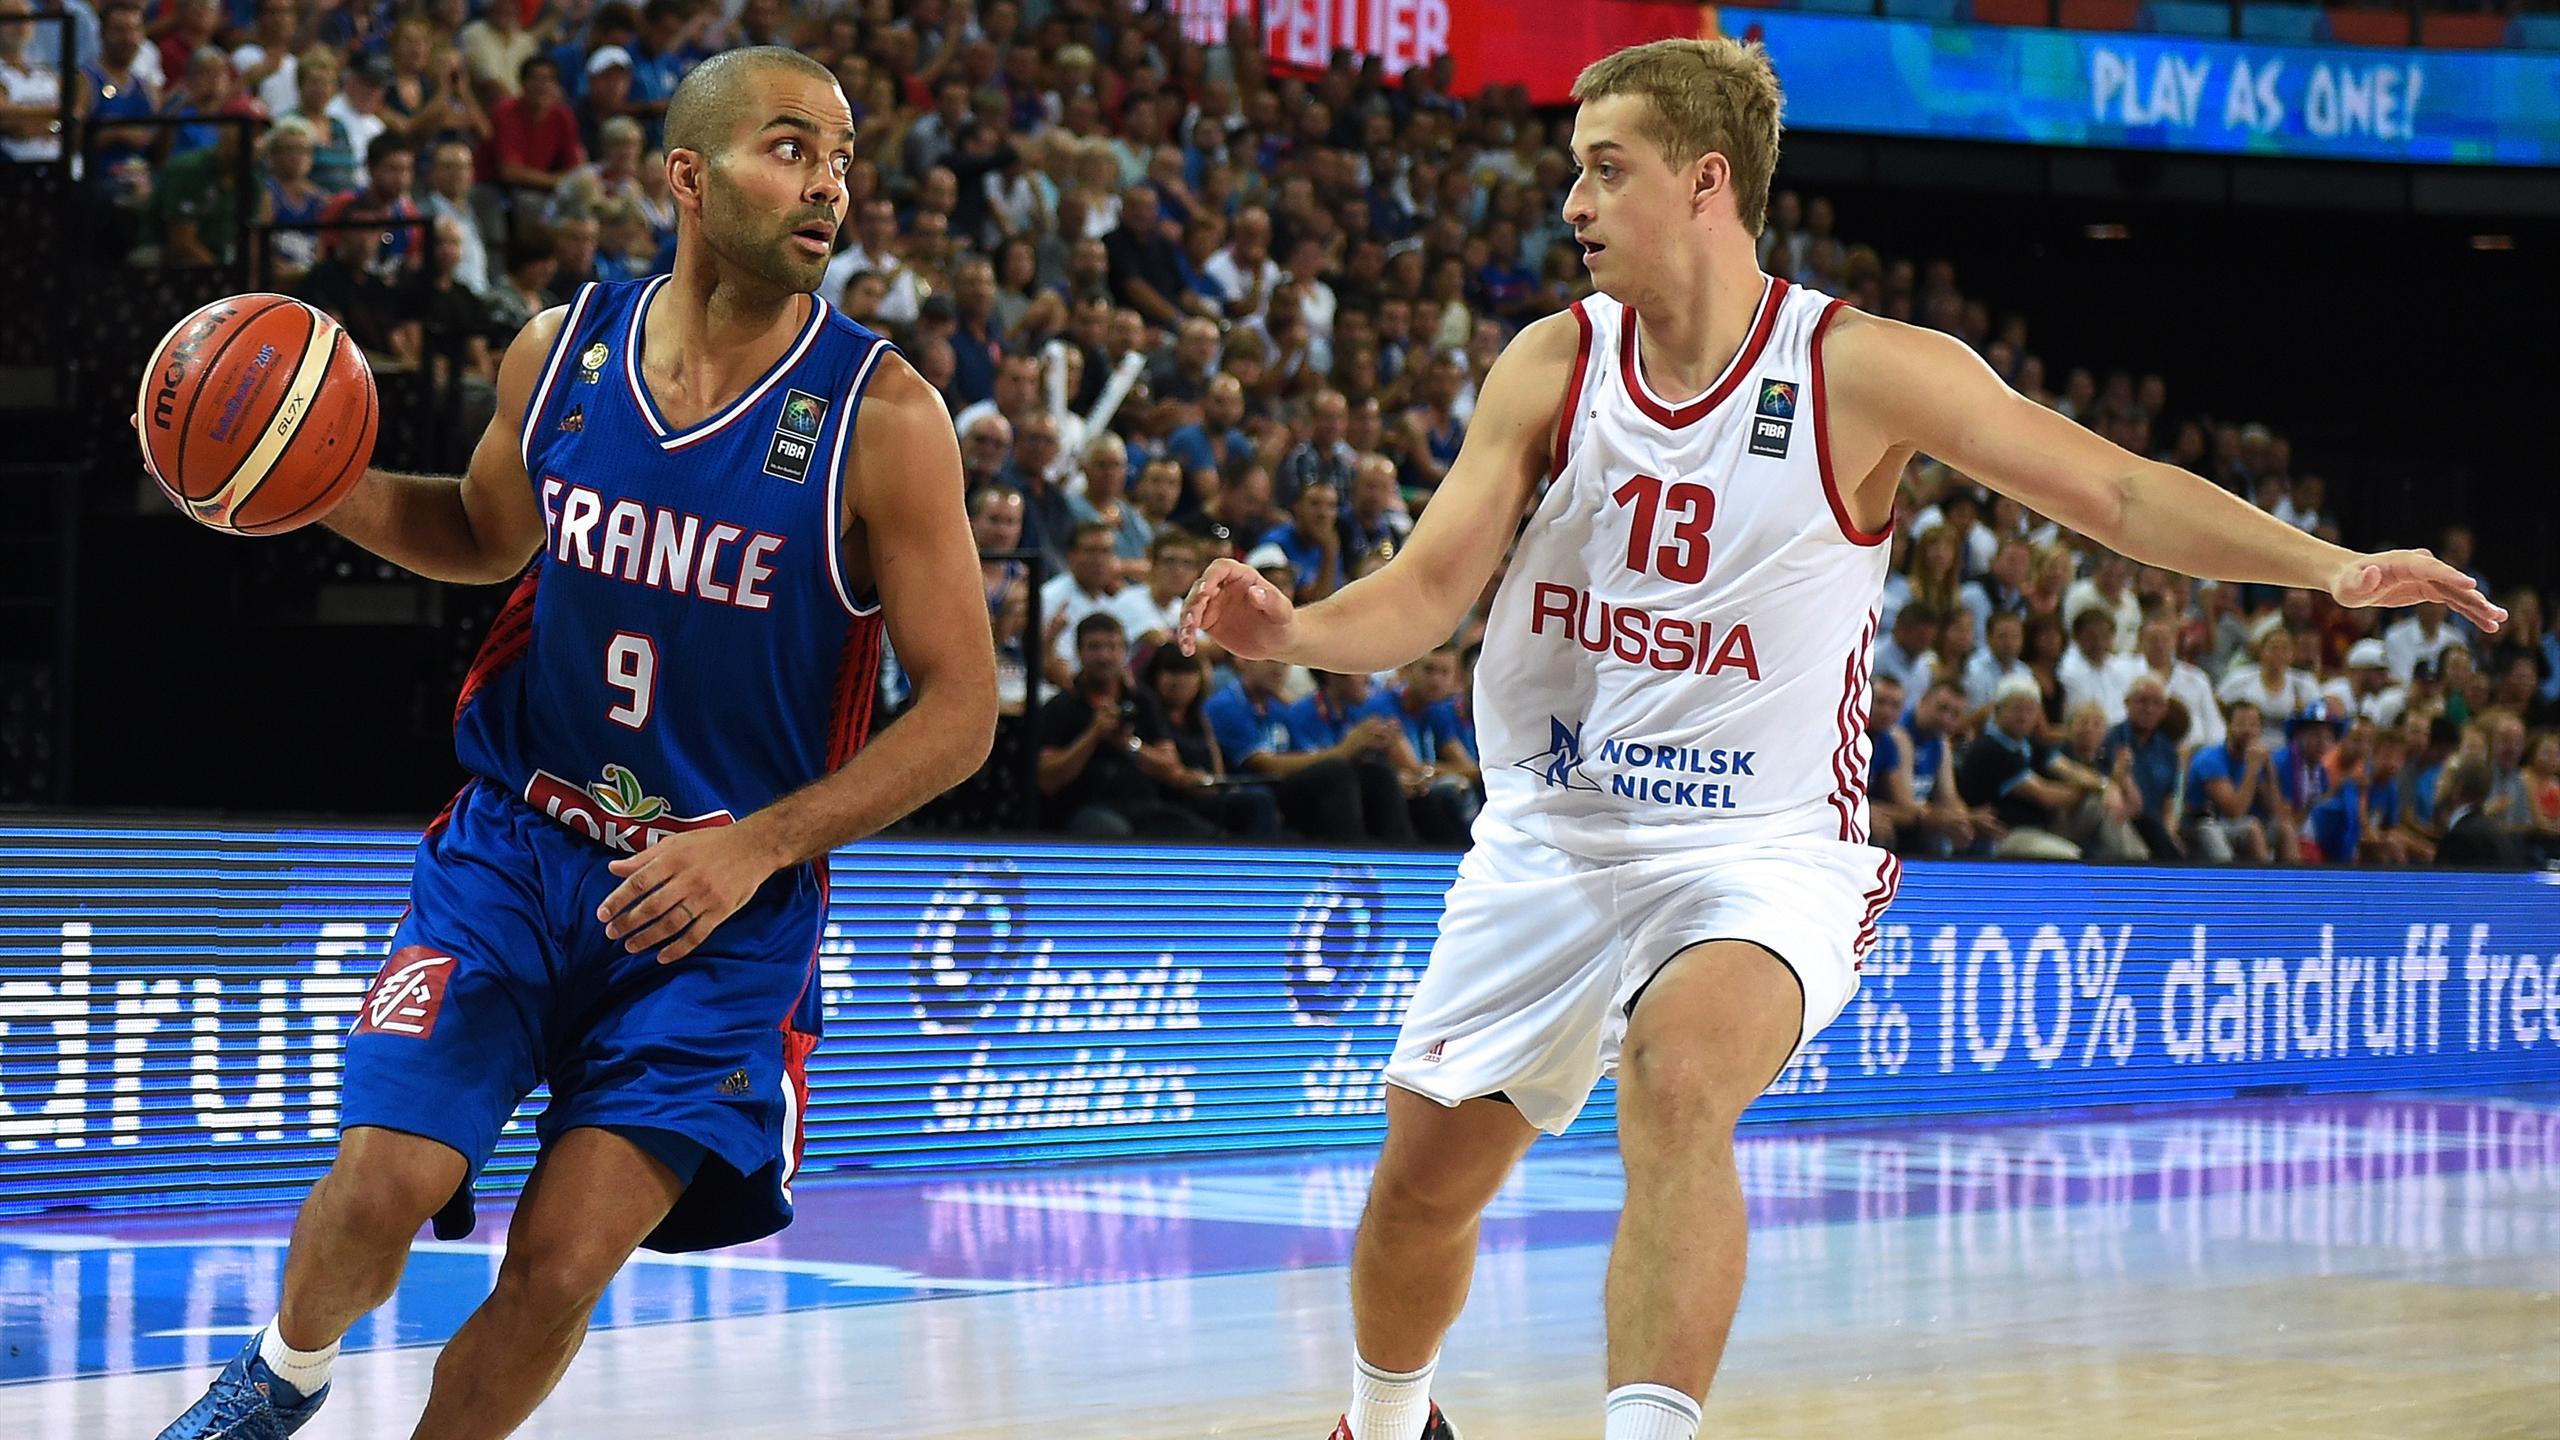 Tony Parker face à Dmitry Khvostov pendant France-Russie à l'Eurobasket 2015